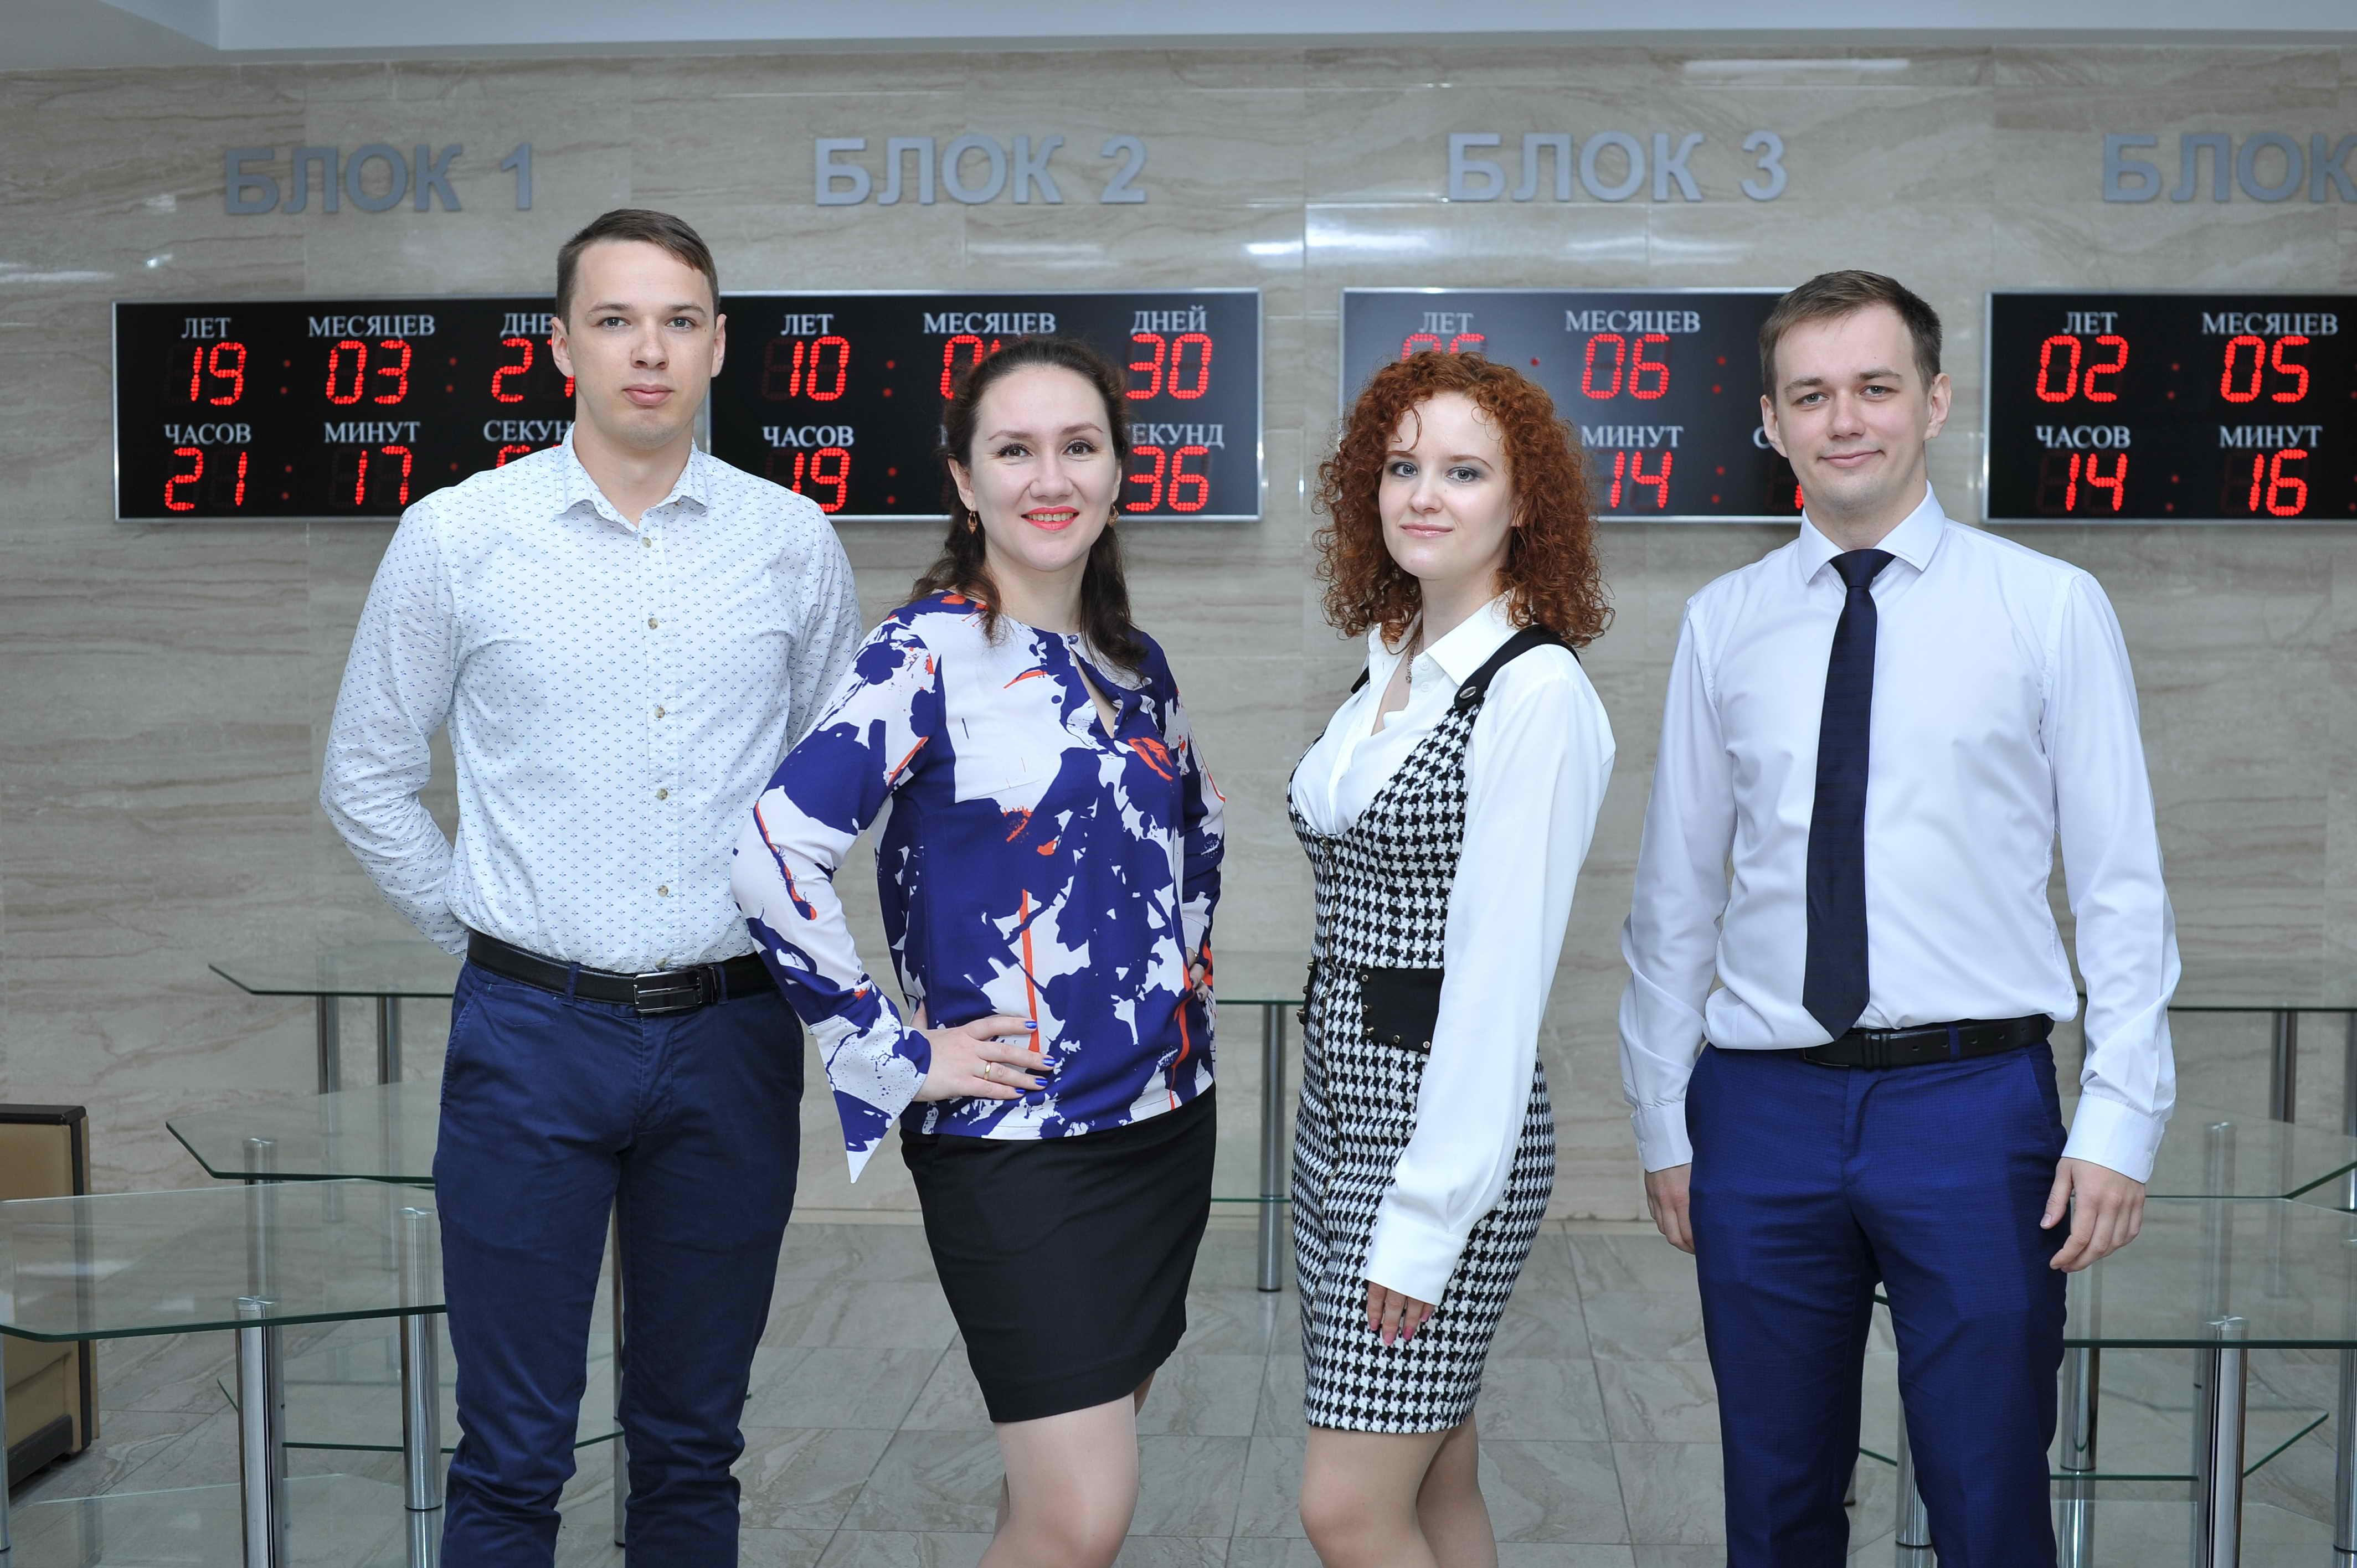 Волгодонская команда победила в отборочном этапе международного инженерного чемпионата